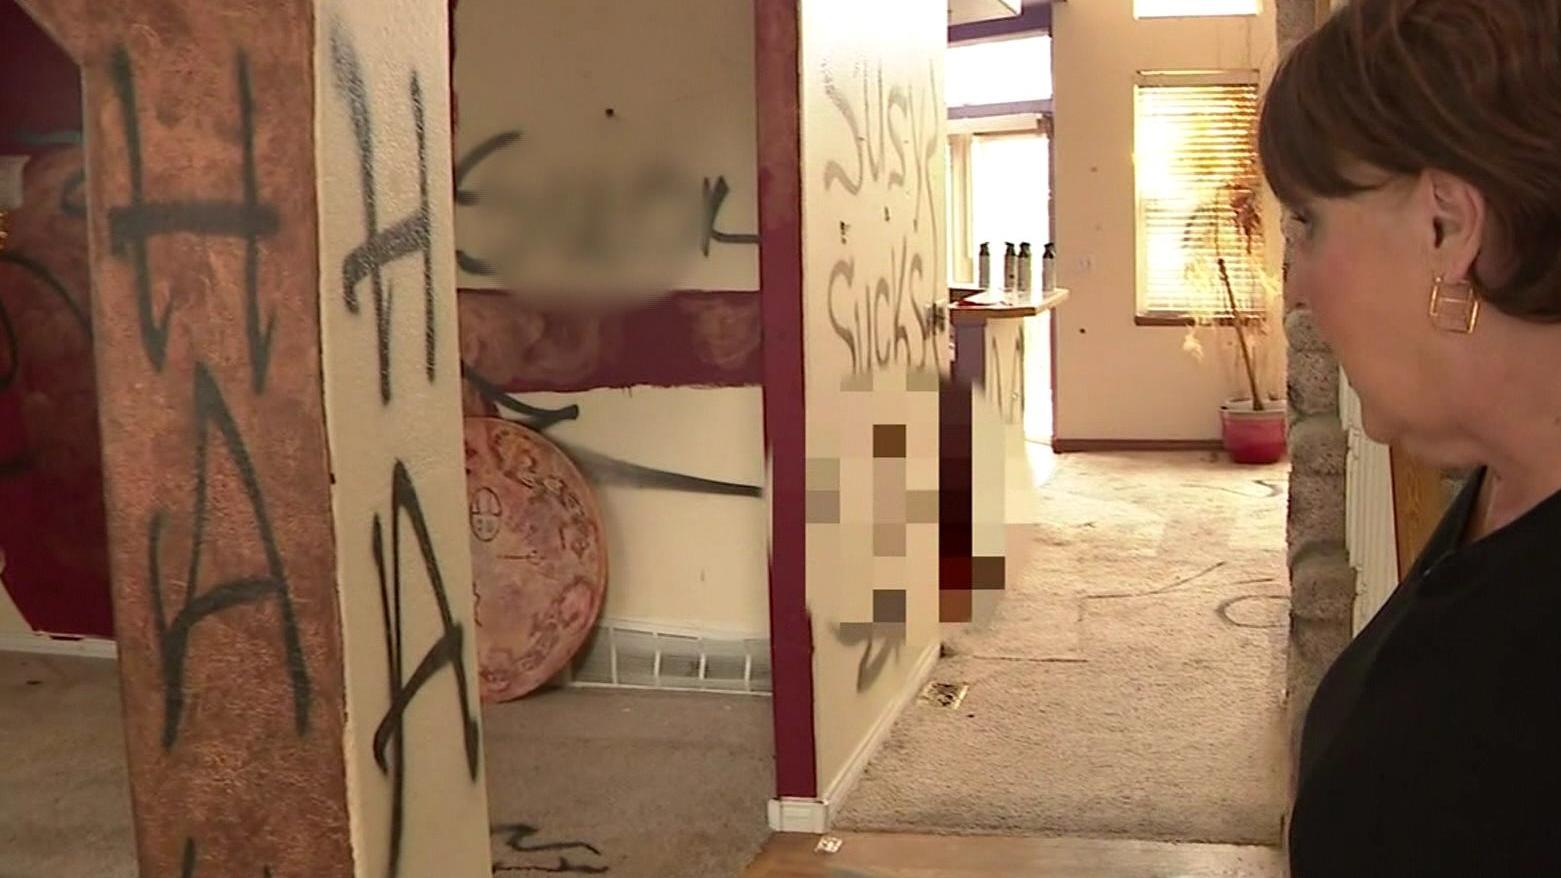 """Maklerin Mimi Foster versucht ein Experiment: Kann sie das """"Horror-Haus"""" zum Höchstpreis verkaufen?"""